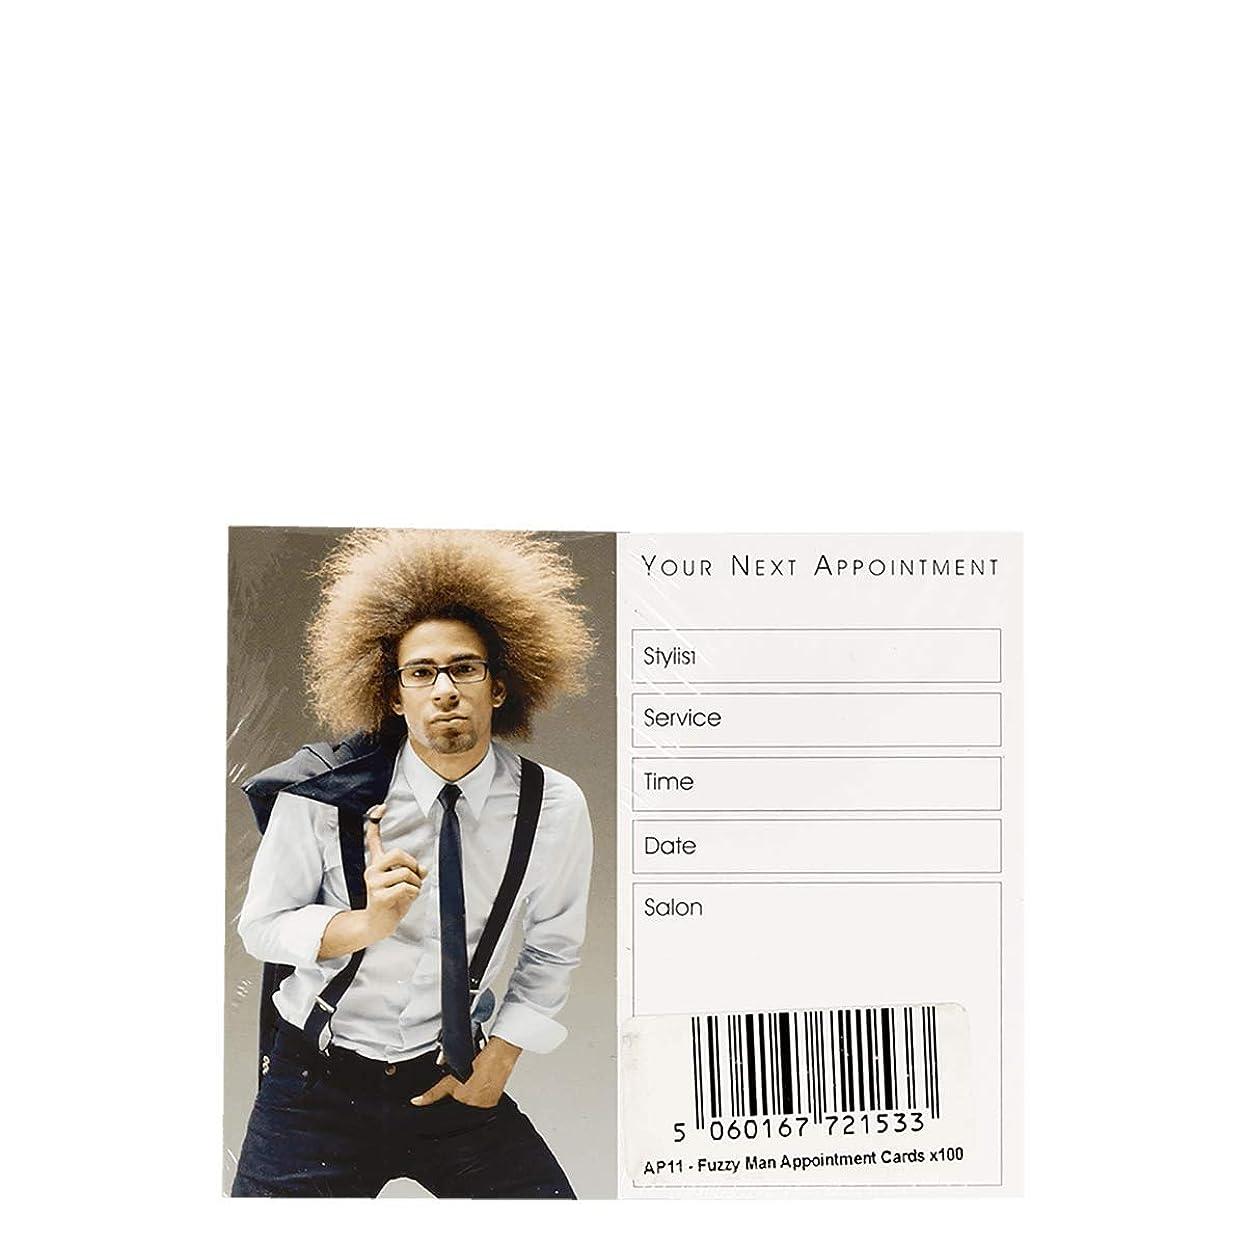 ブレース囚人ほこりアポイントメントカード Appointment Cards- AP11 FUZZY MAN CARDS x100[海外直送品] [並行輸入品]